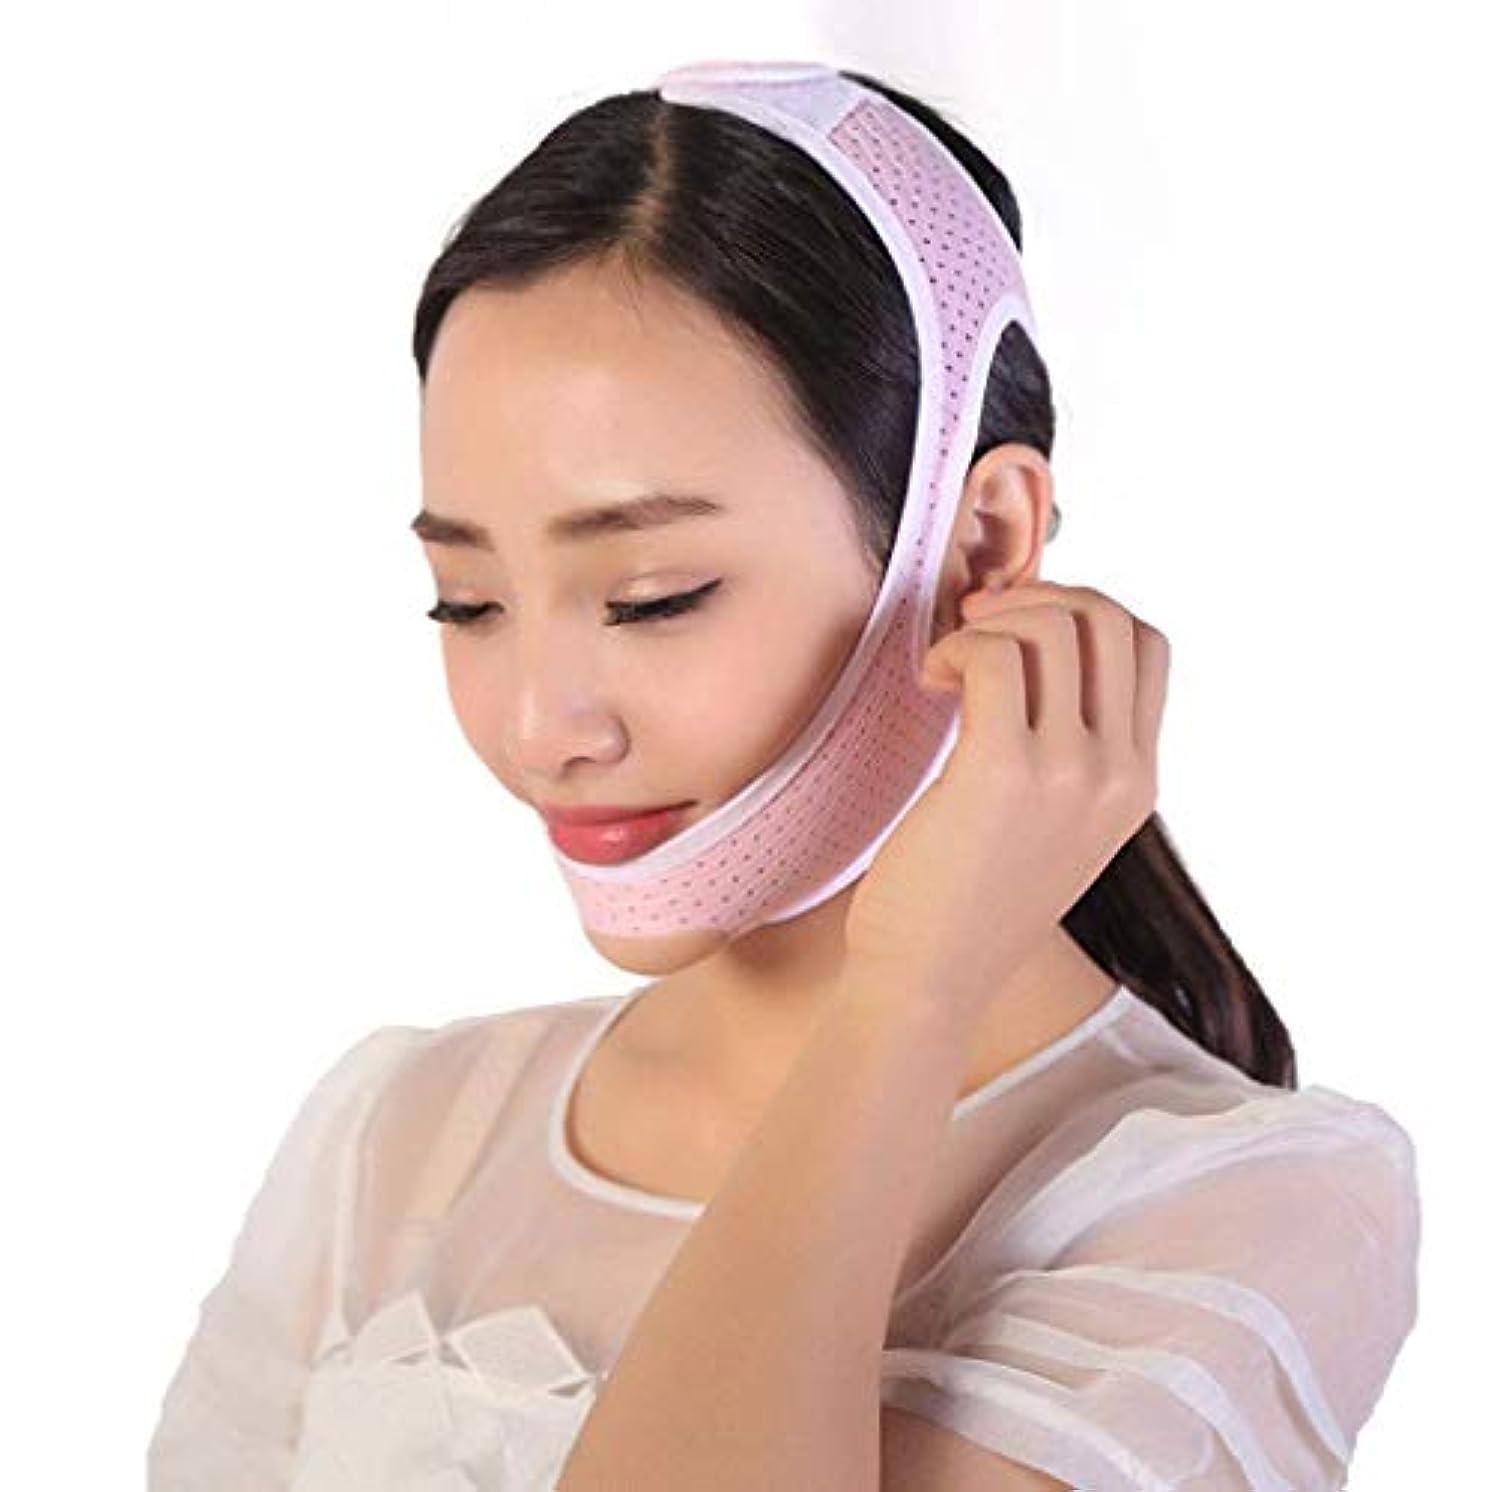 展望台段落インシュレータHUYYA 女性の顔を持ち上げるベルト、しわ防止包帯 Vライン頬 二重あごの減量顔 フェイスリフティング包帯,Pink_Large